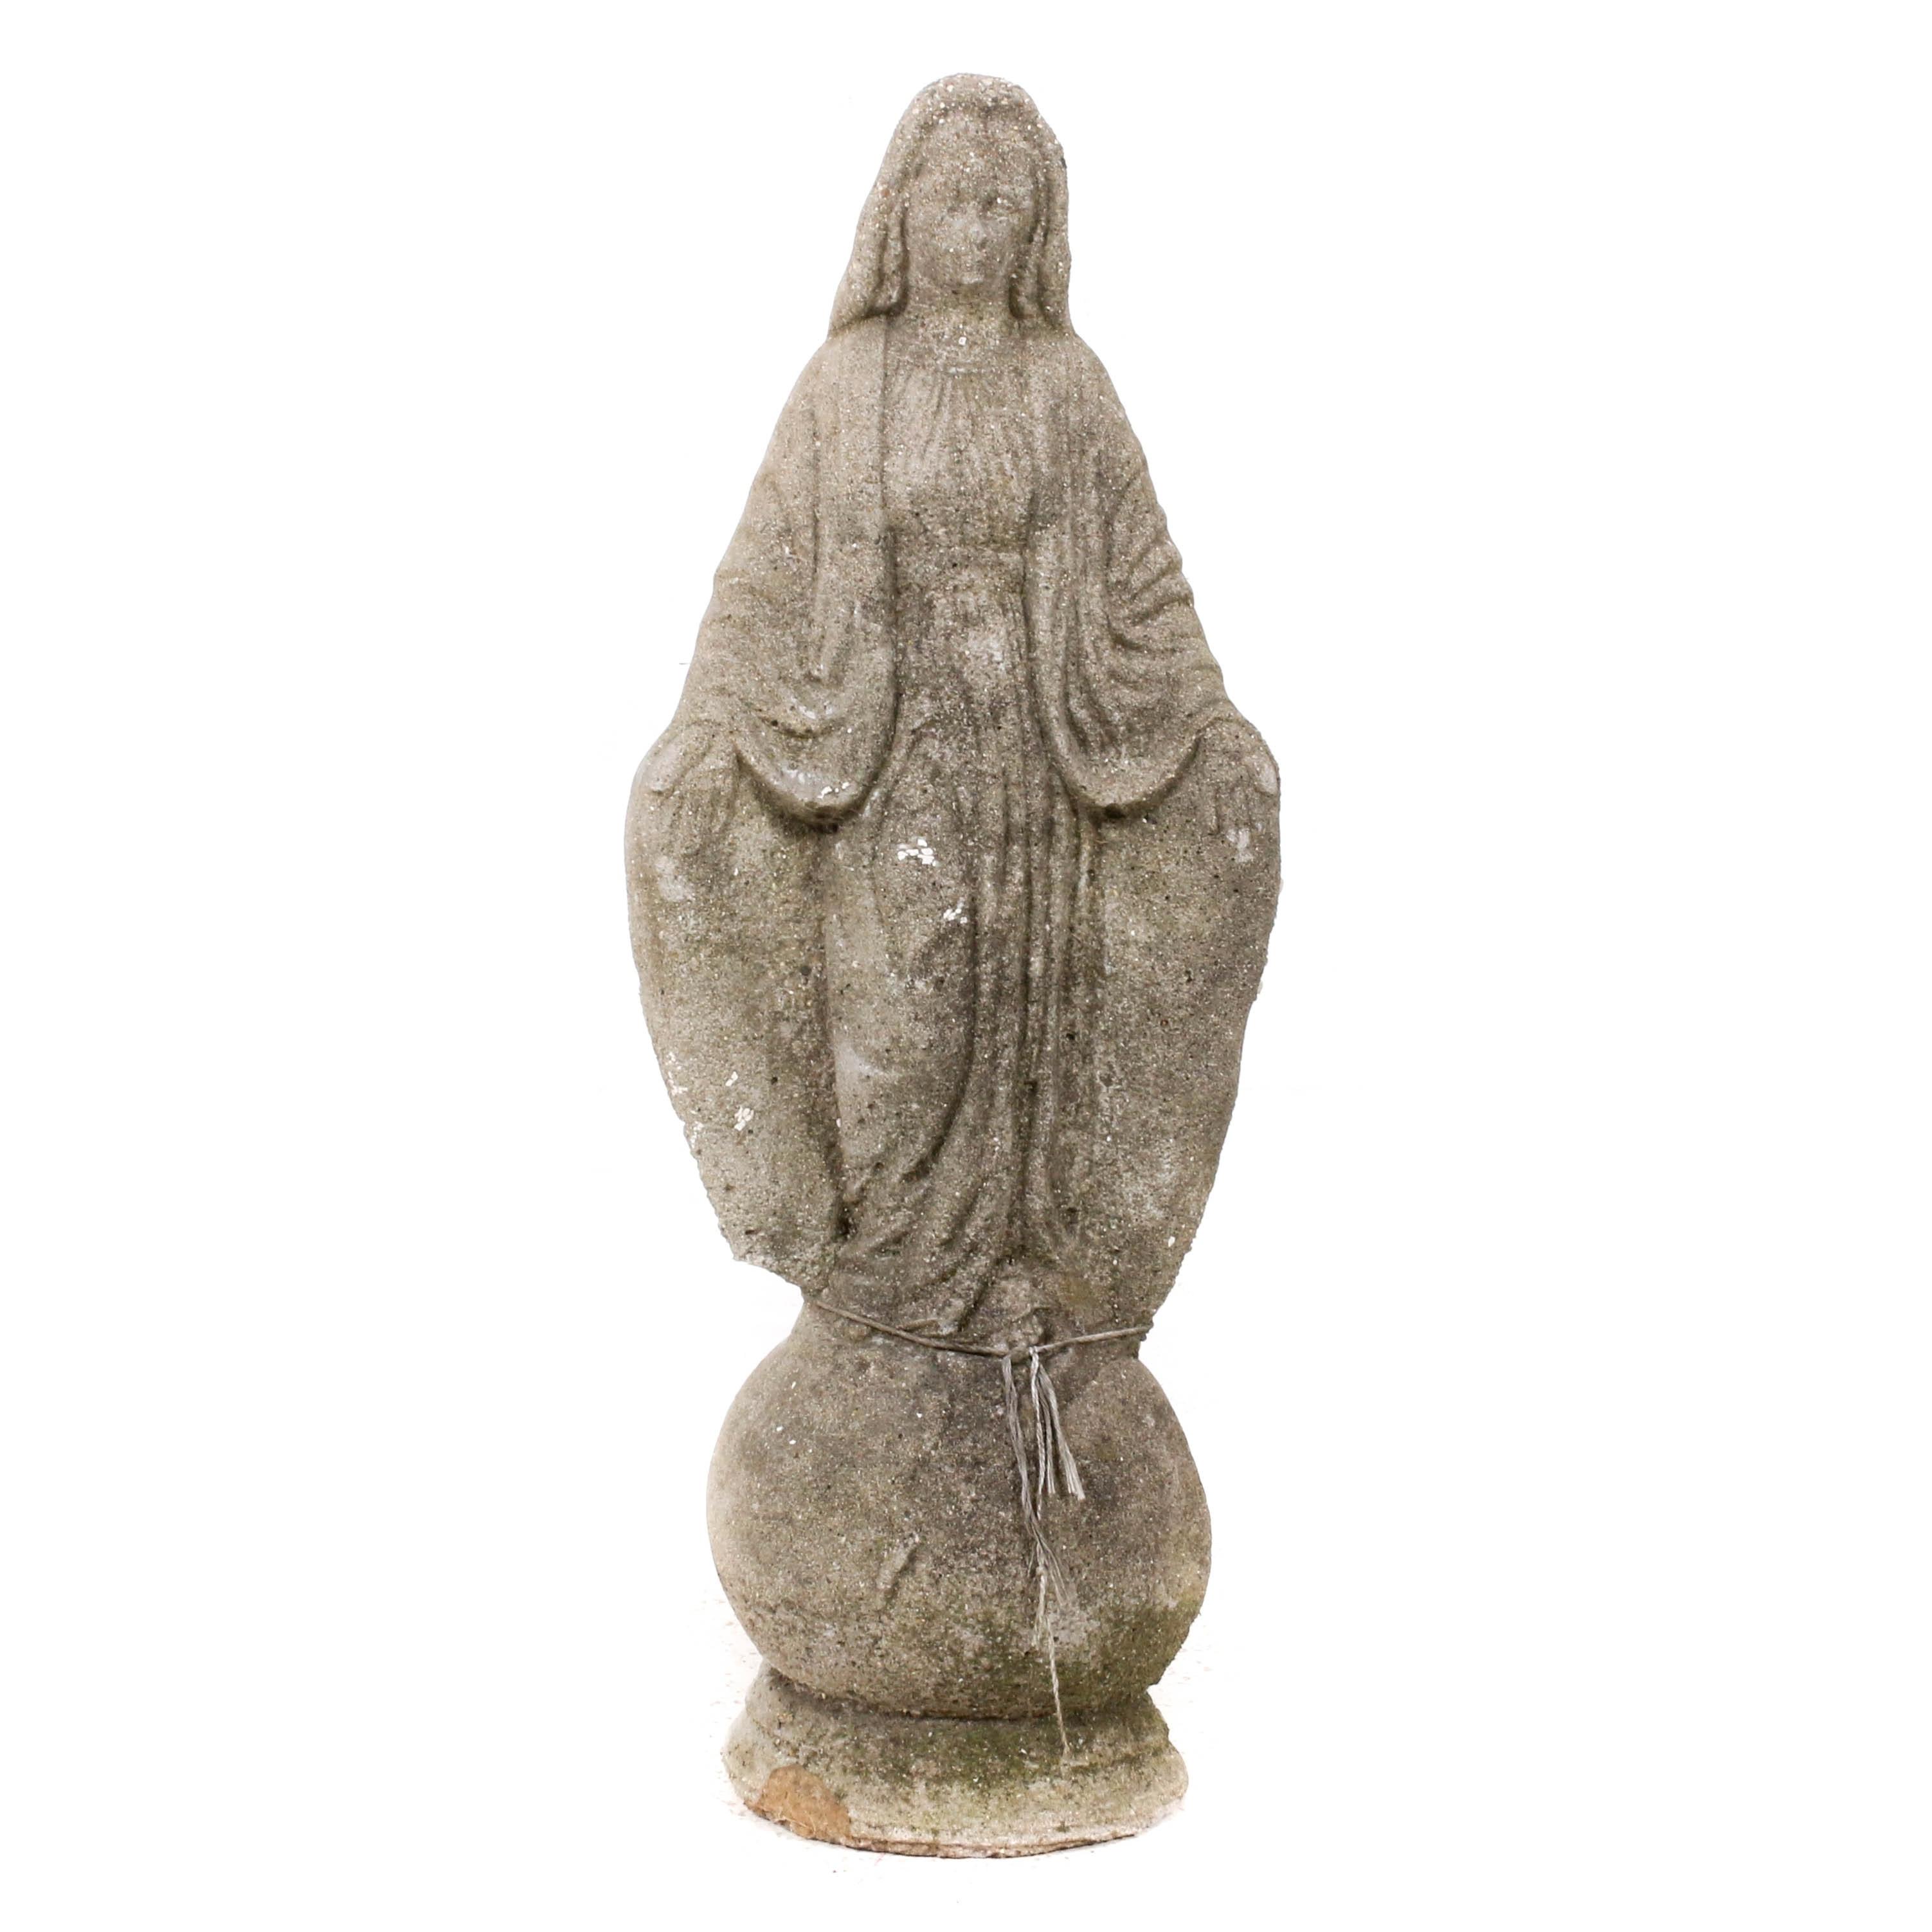 Concrete Virgin Mary Lawn Ornament